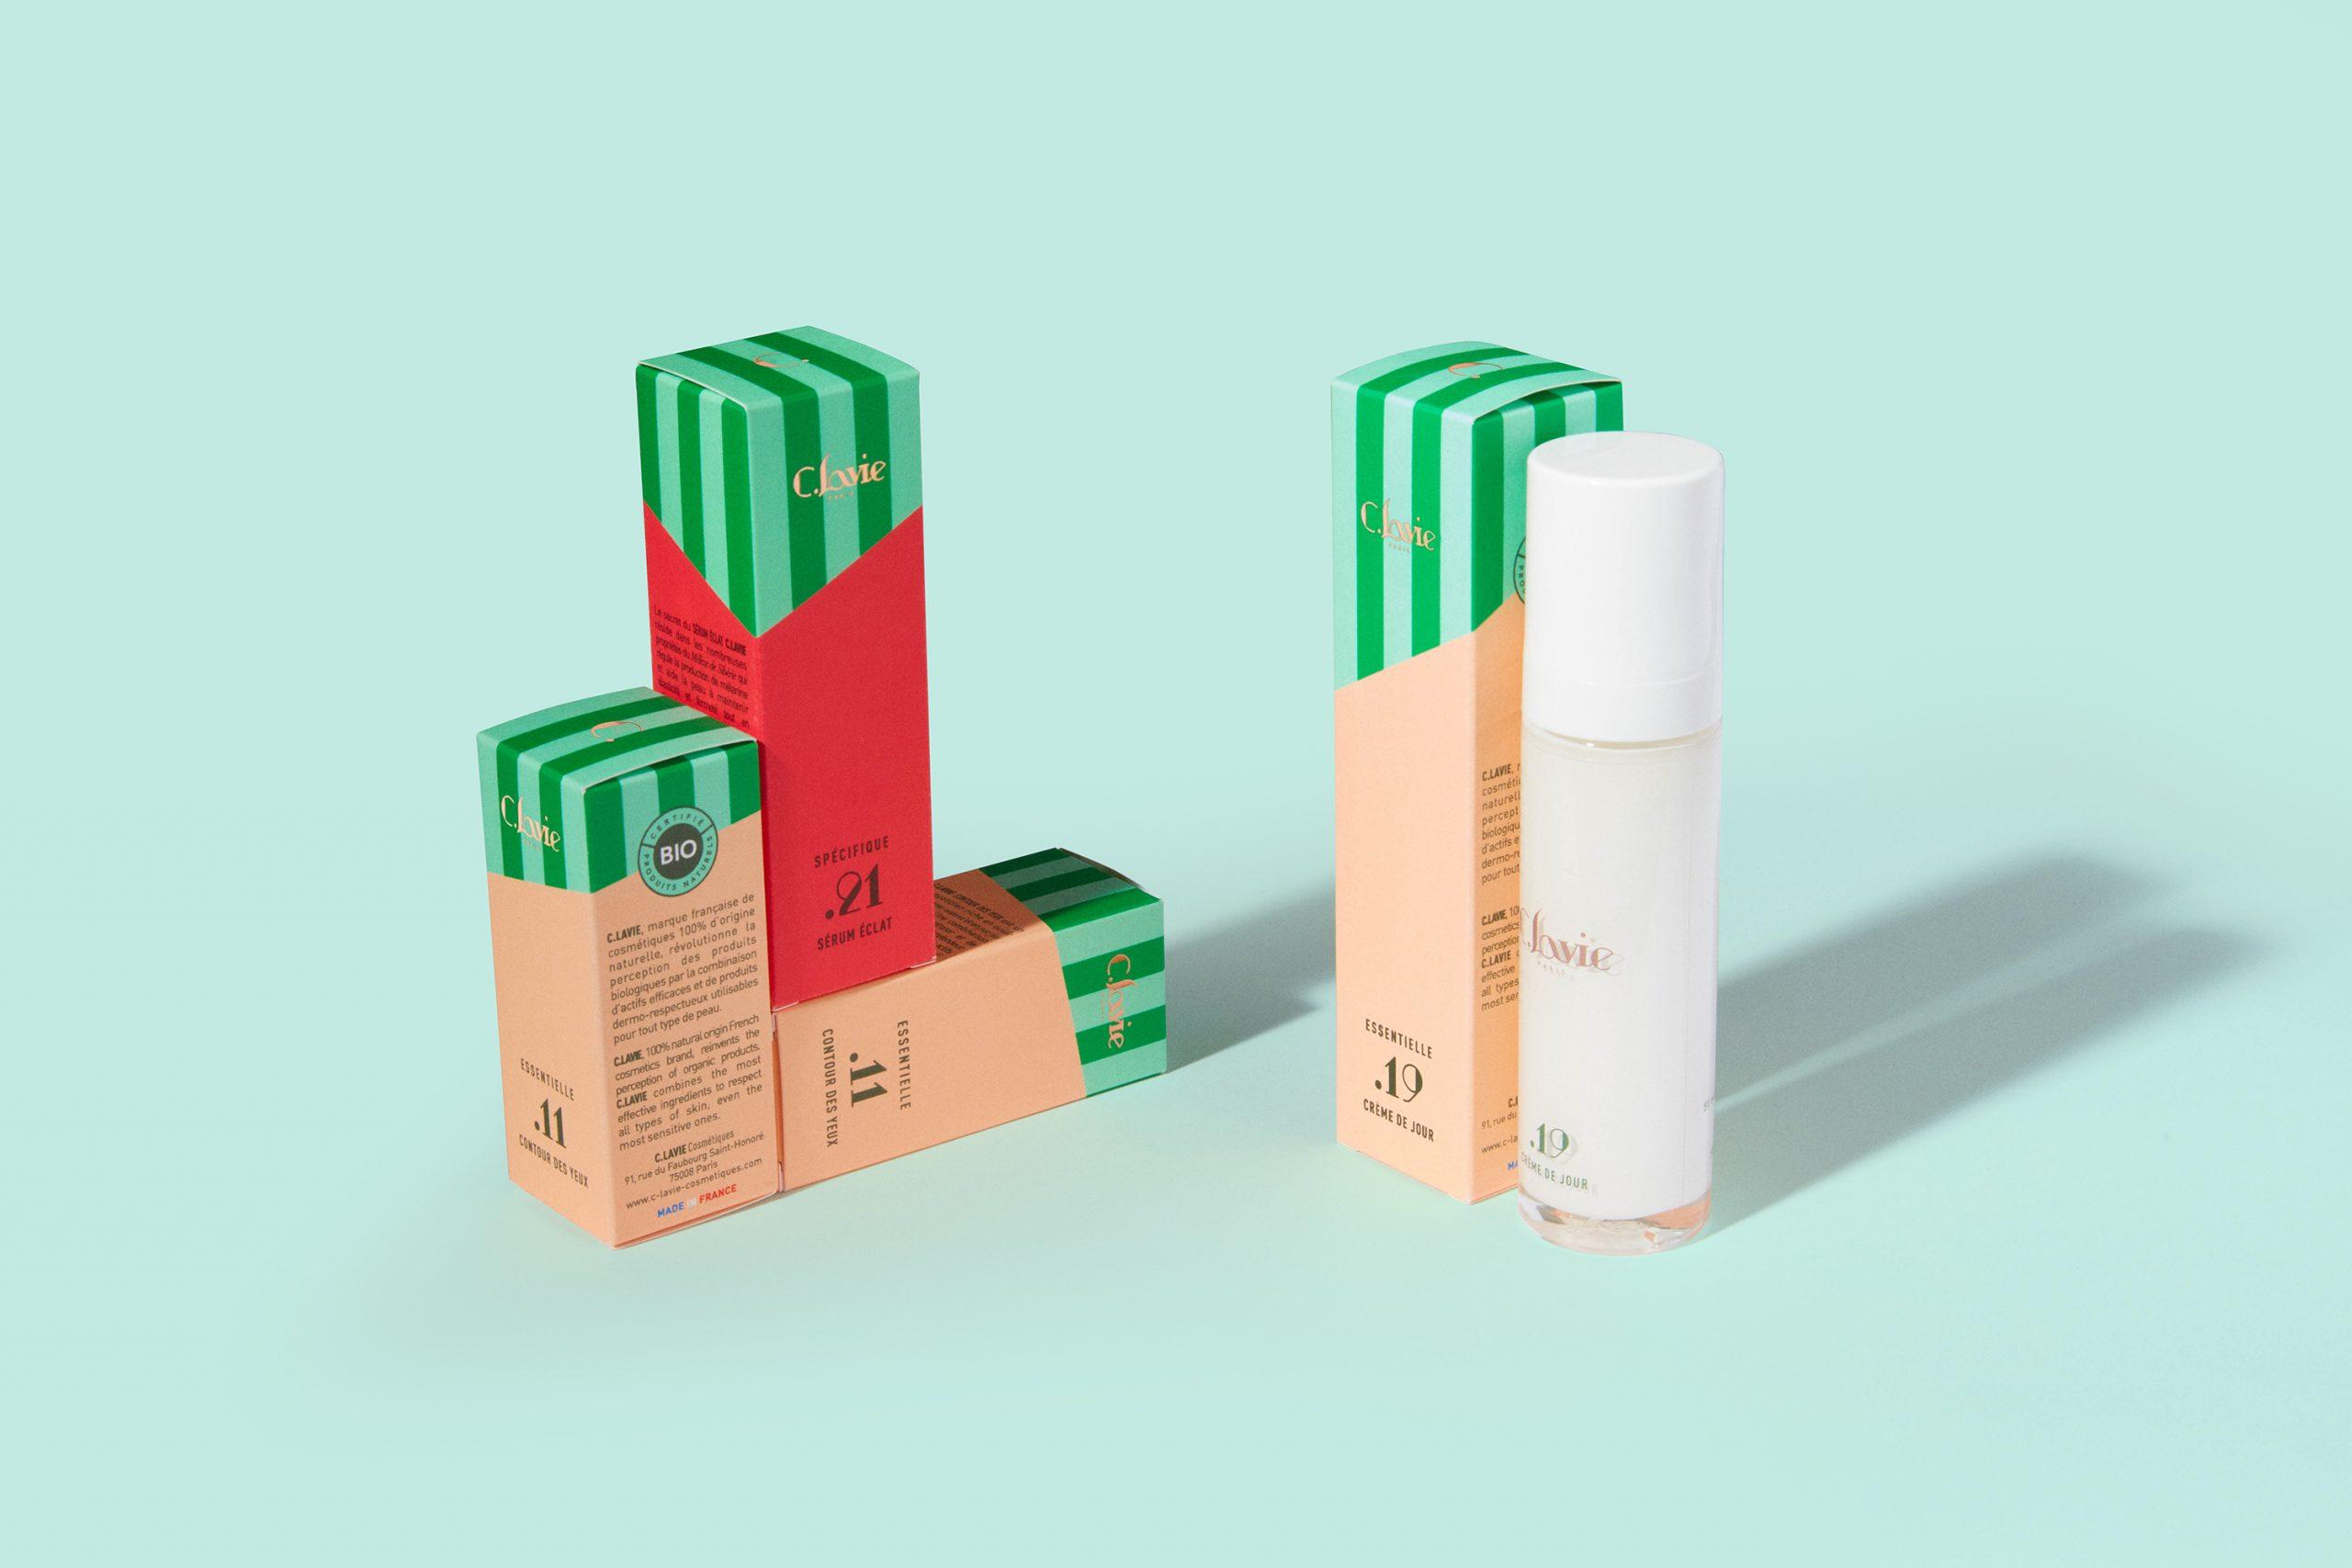 C.LAVIE packaging cosmétiques biologiques france